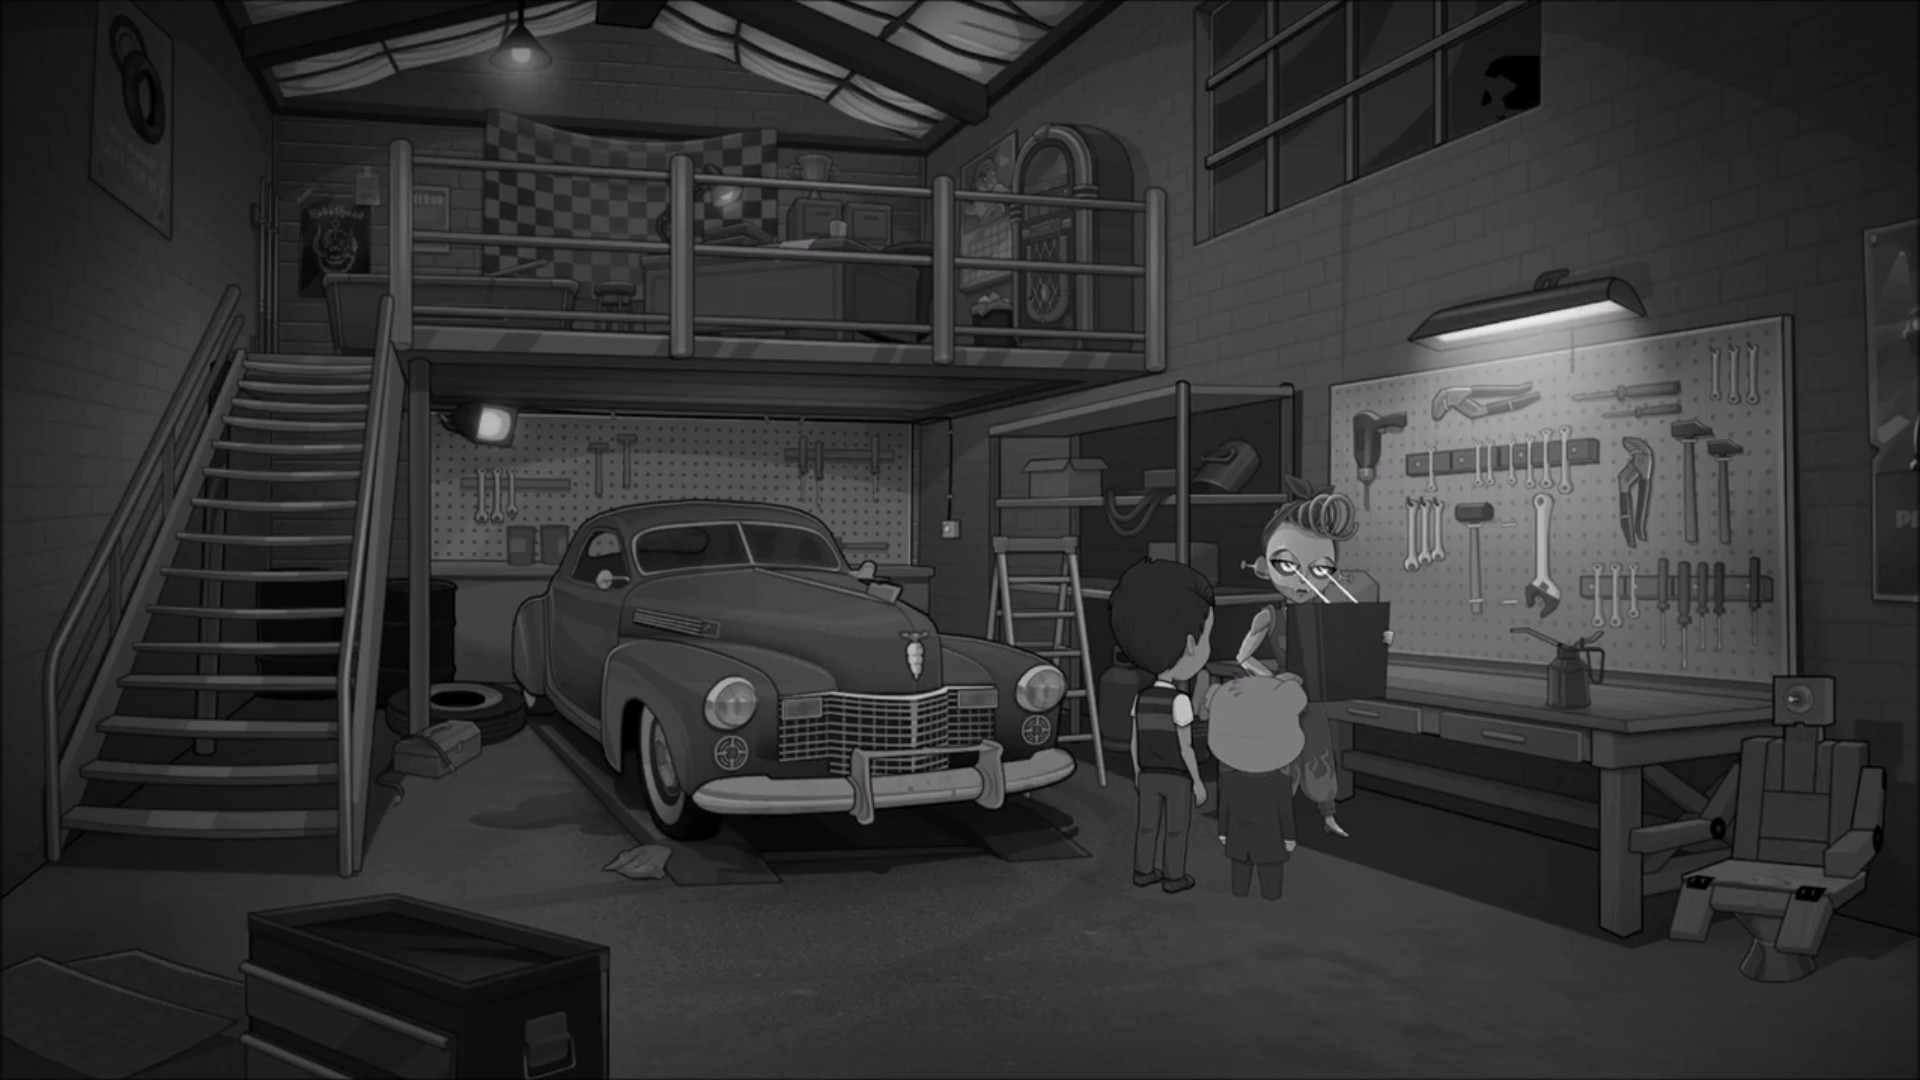 侦探熊与我同在:丢失的机器人图片